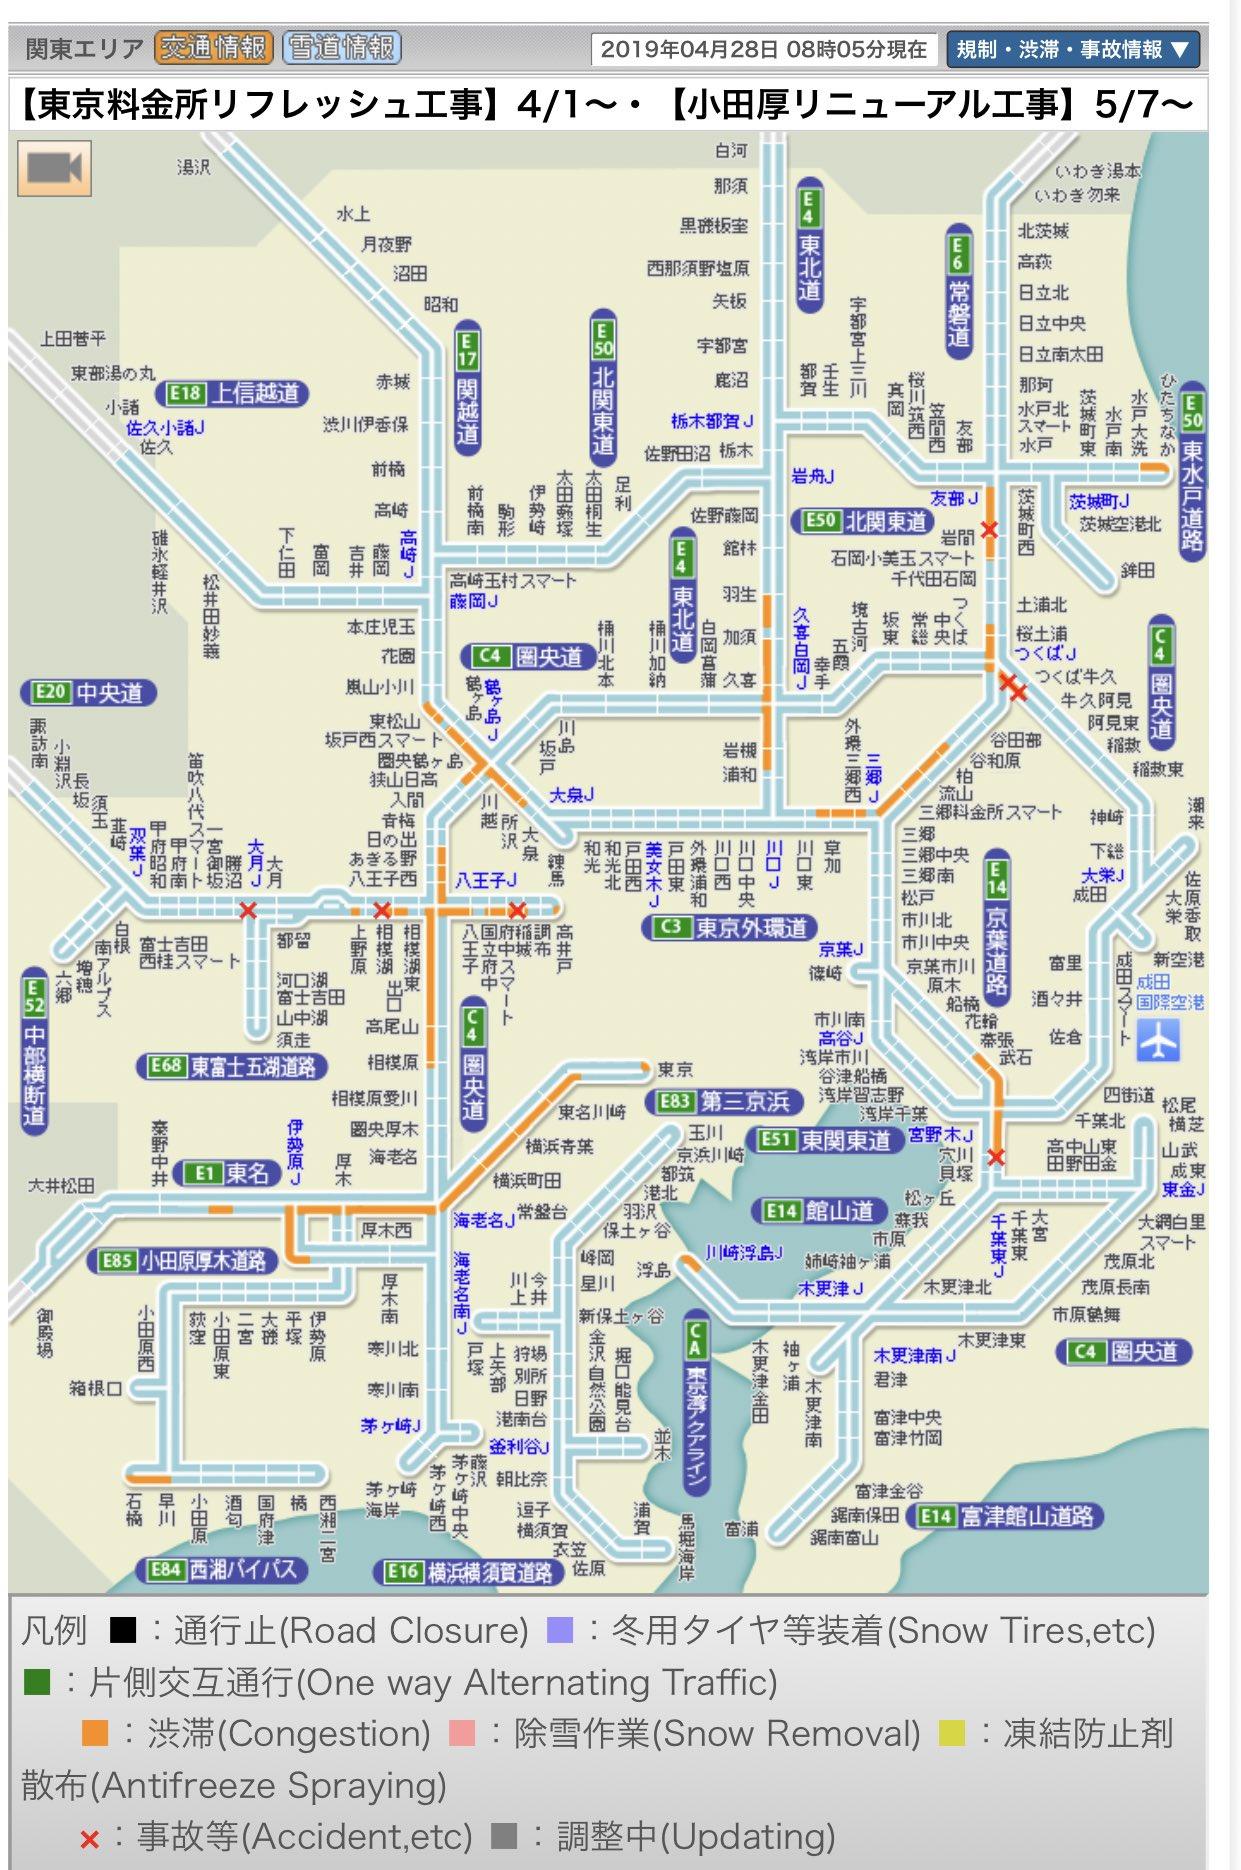 画像,中央道上り→首都高は順調に流れています。首都高→中央道下り、調布~府中バス停付近から断続的に20キロほど詰まってる模様。 https://t.co/YSTVau…